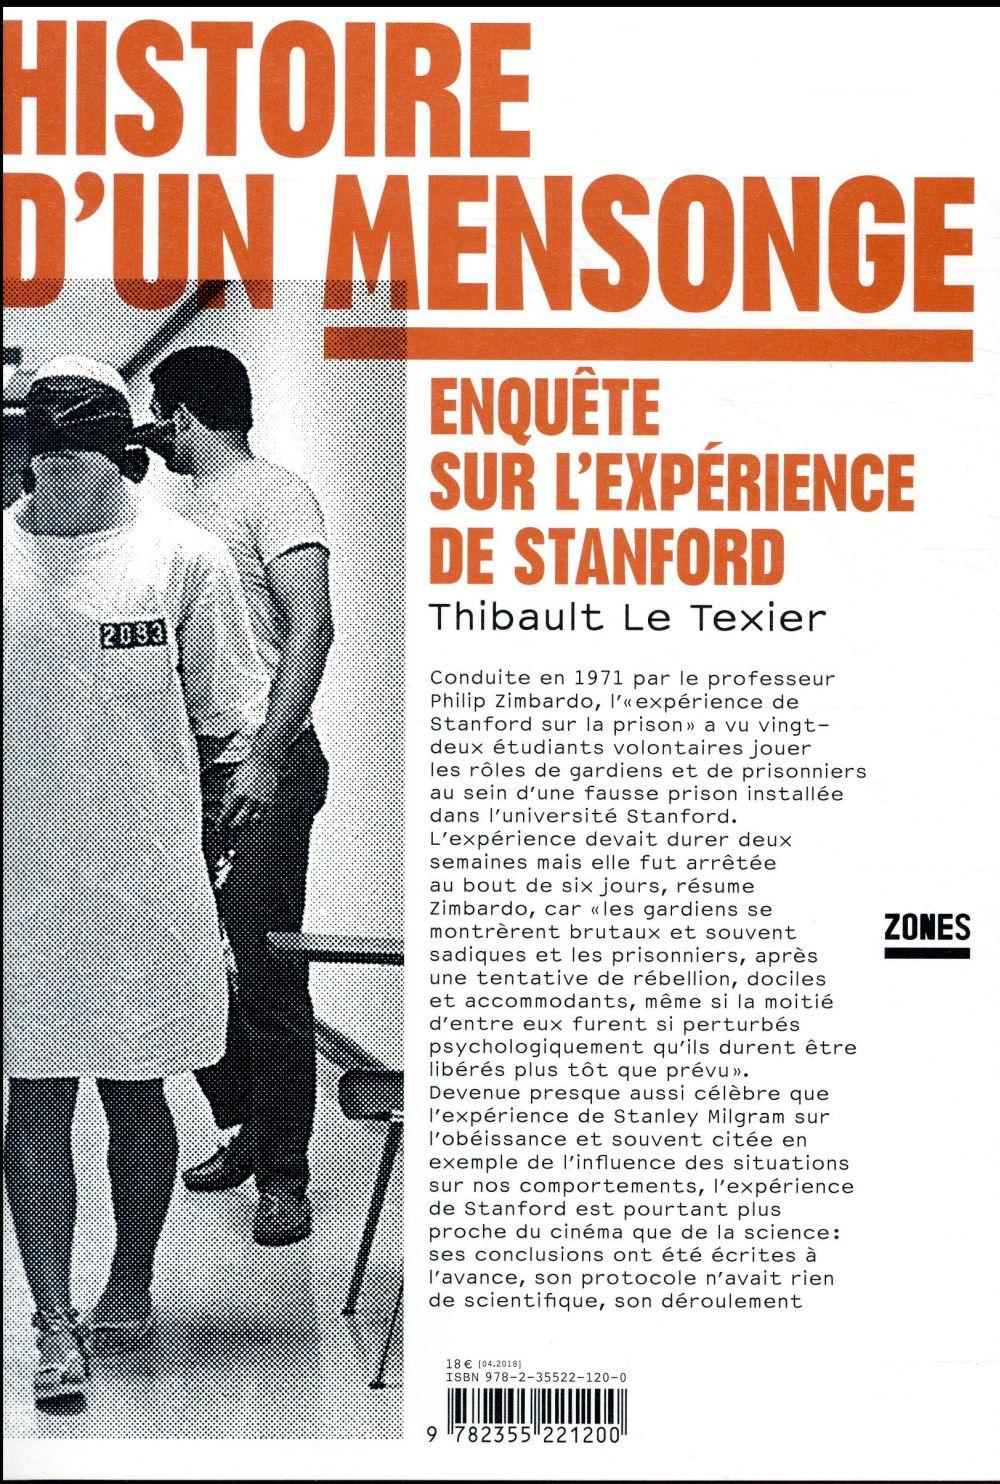 HISTOIRE D'UN MENSONGE     ENQUETE SUR L'EXPERIENCE DE STANFORD